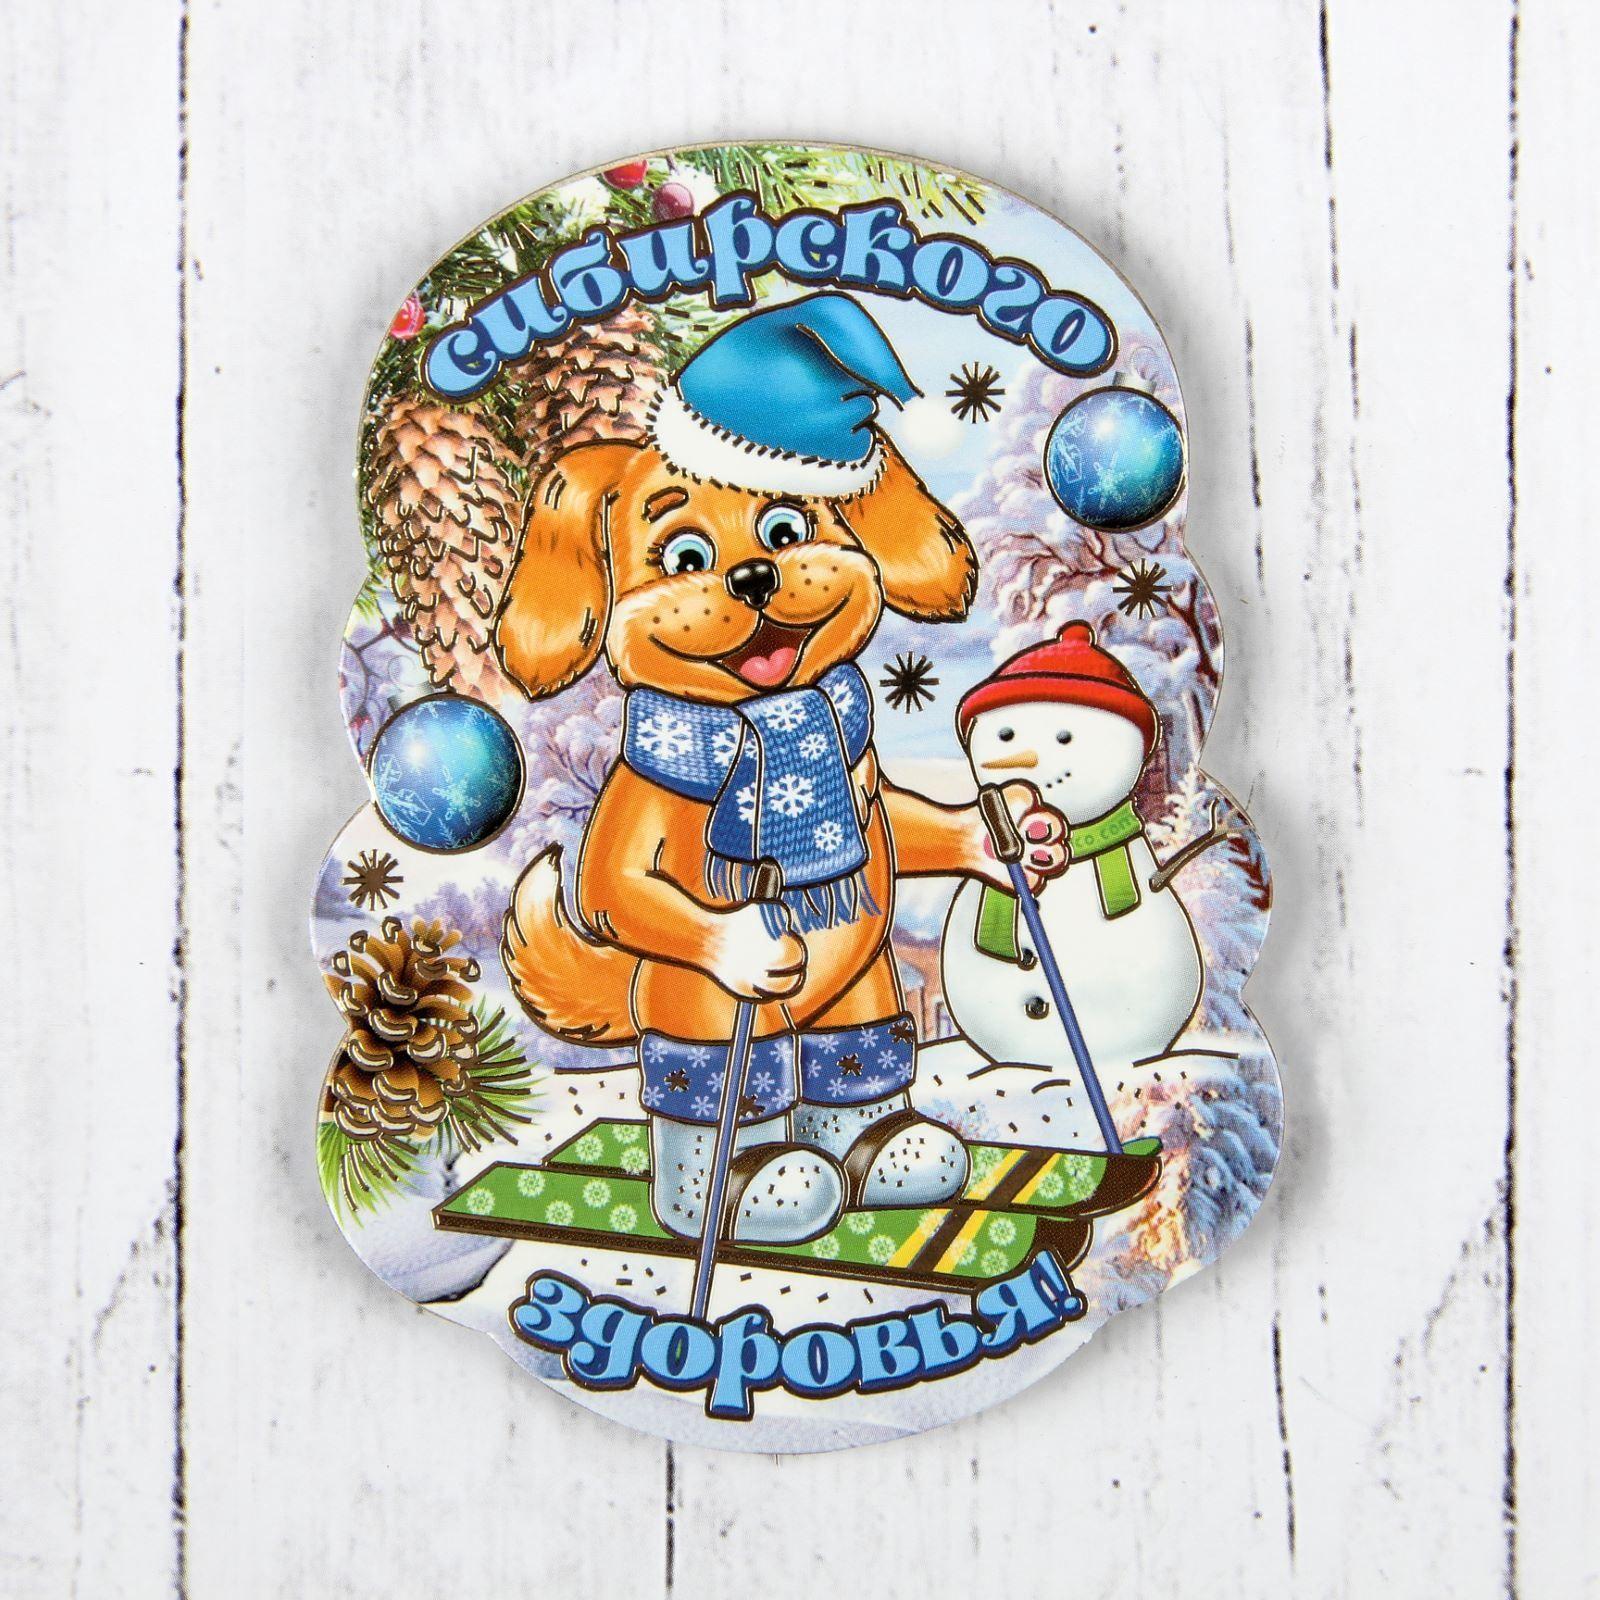 Магнит Sima-land Новогодний. 2018, 10 х 7,5 см. 25323982532398Порадуйте родных и близких оригинальным сувениром: преподнесите в подарок магнит. С ним даже самый серьезный человек почувствует себя ребенком, ожидающим чудо! Прикрепите его к любой металлической поверхности, и он удержит на виду важные записки, любовные послания или просто список продуктов.Создайте праздничное настроение, и оно останется с вами на весь год.